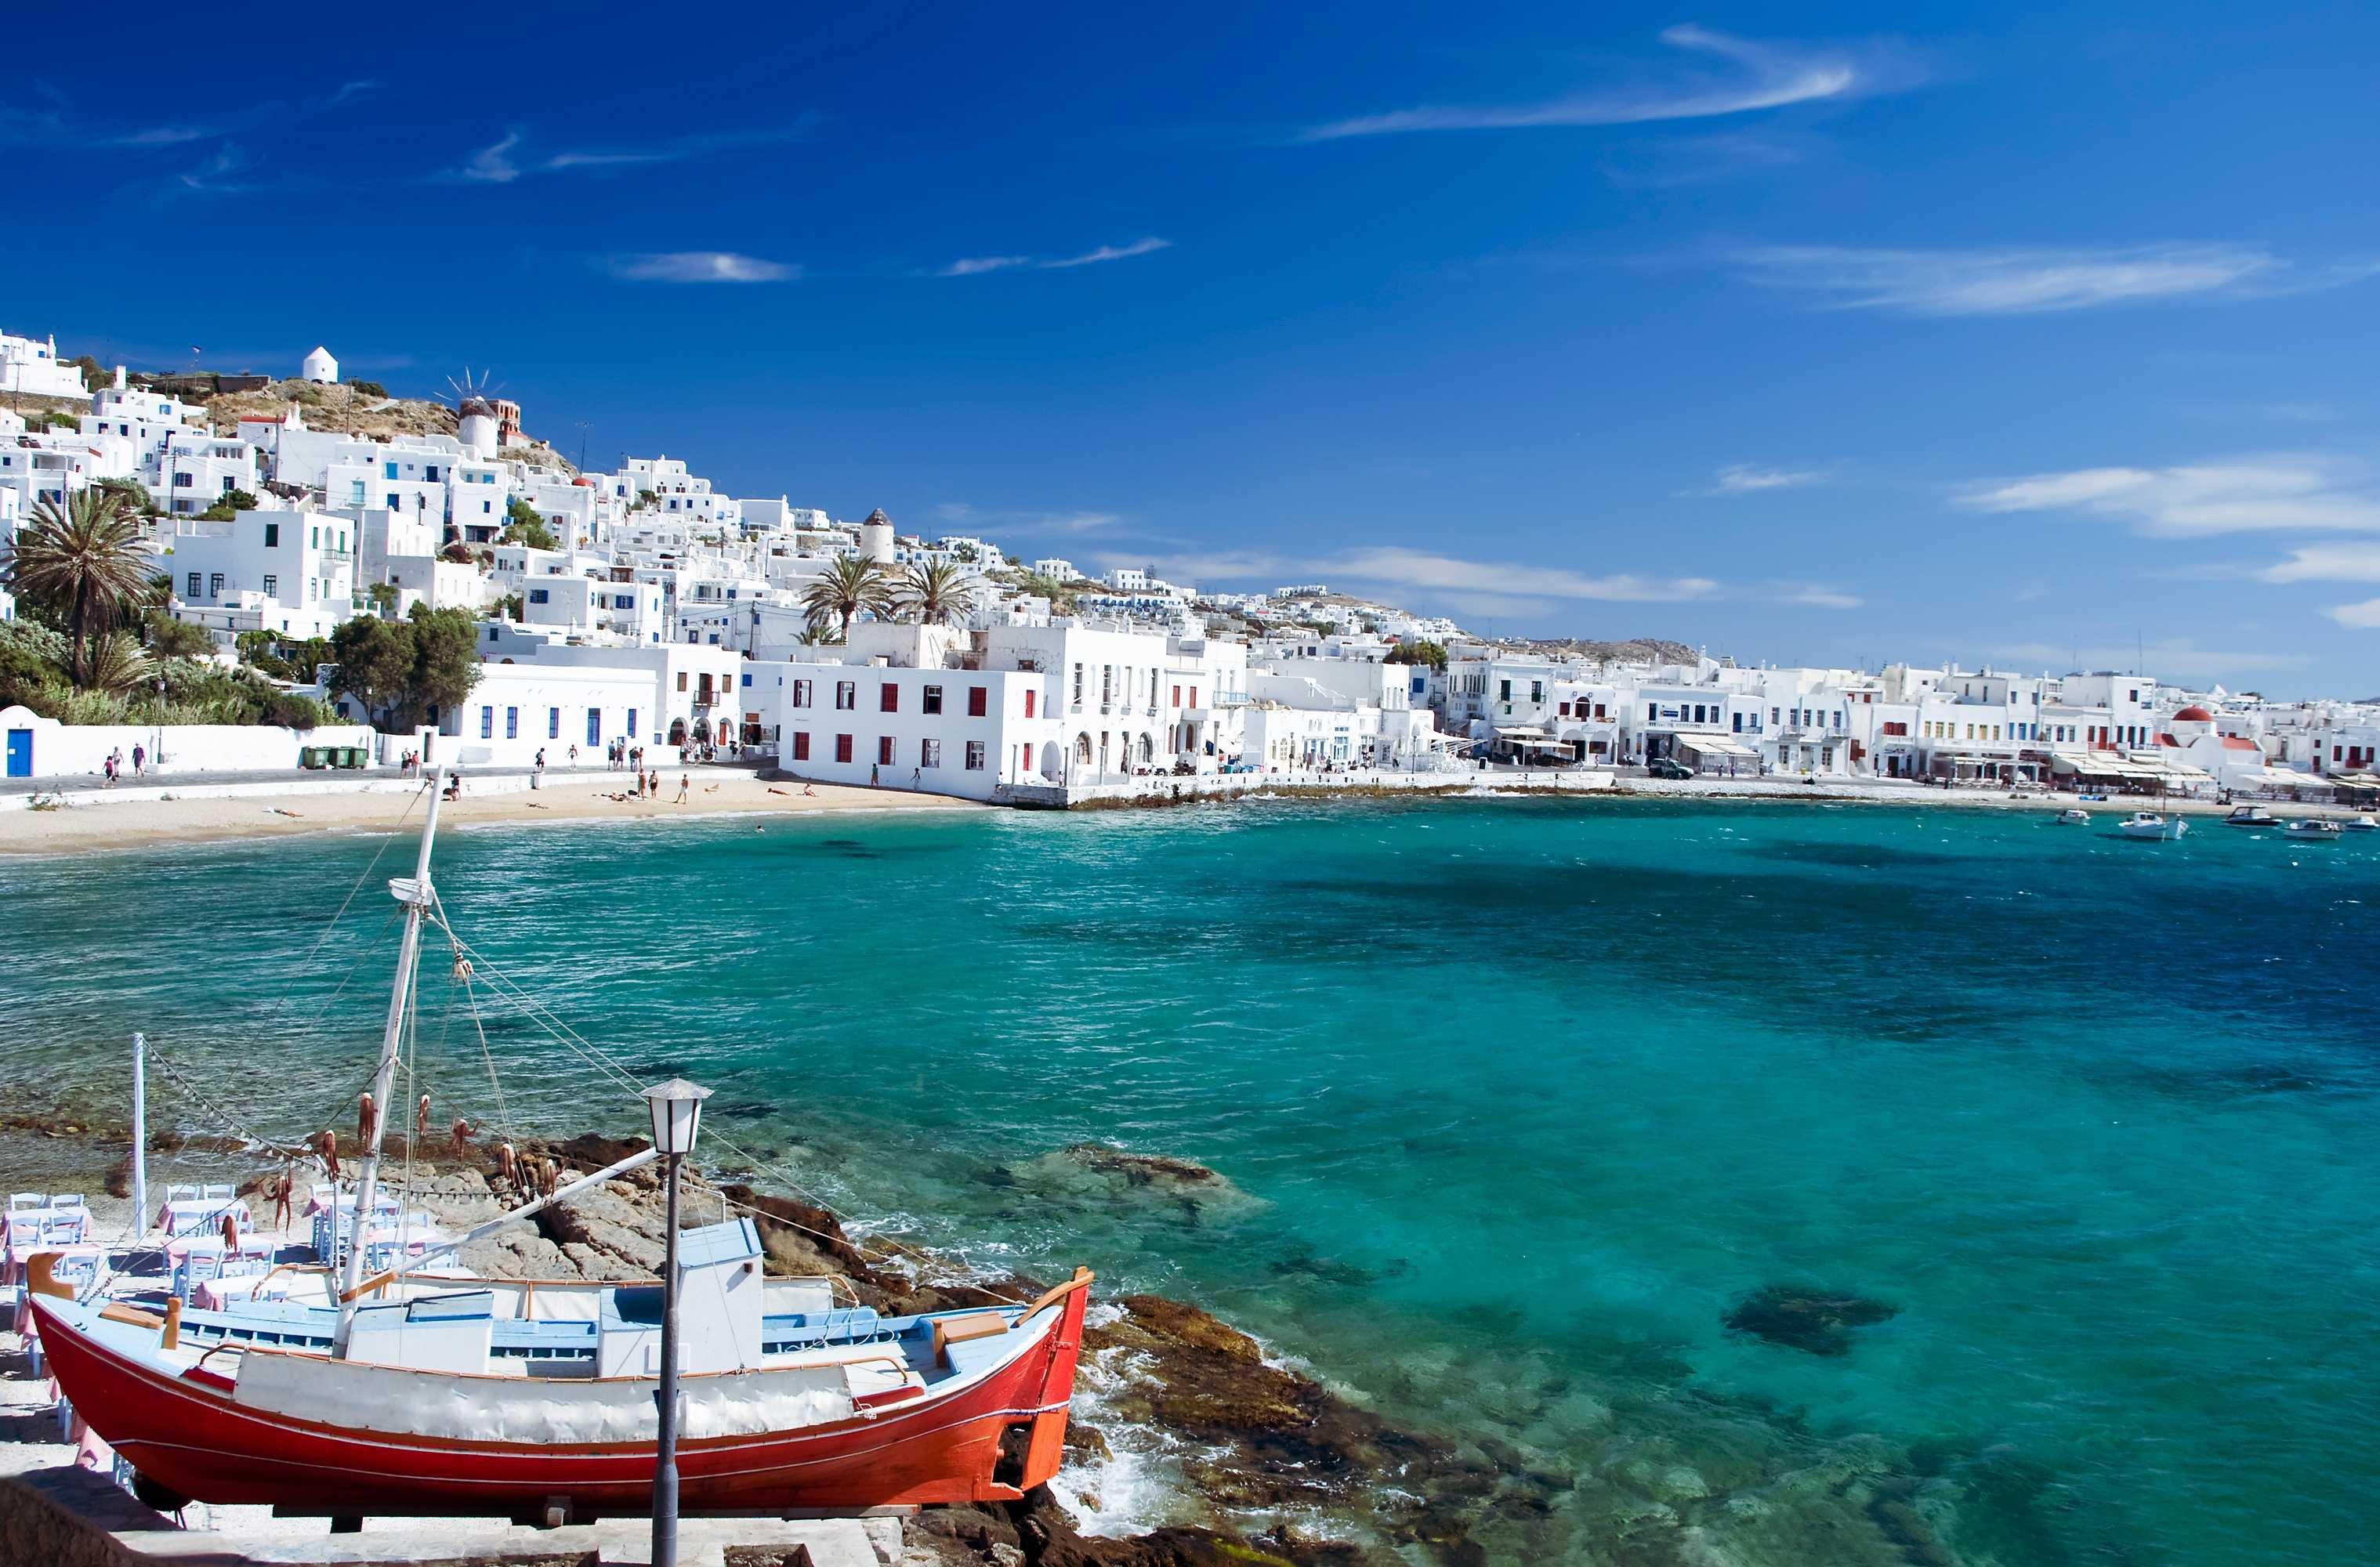 Paradisiaca Grecia - Premium -  2020-2021